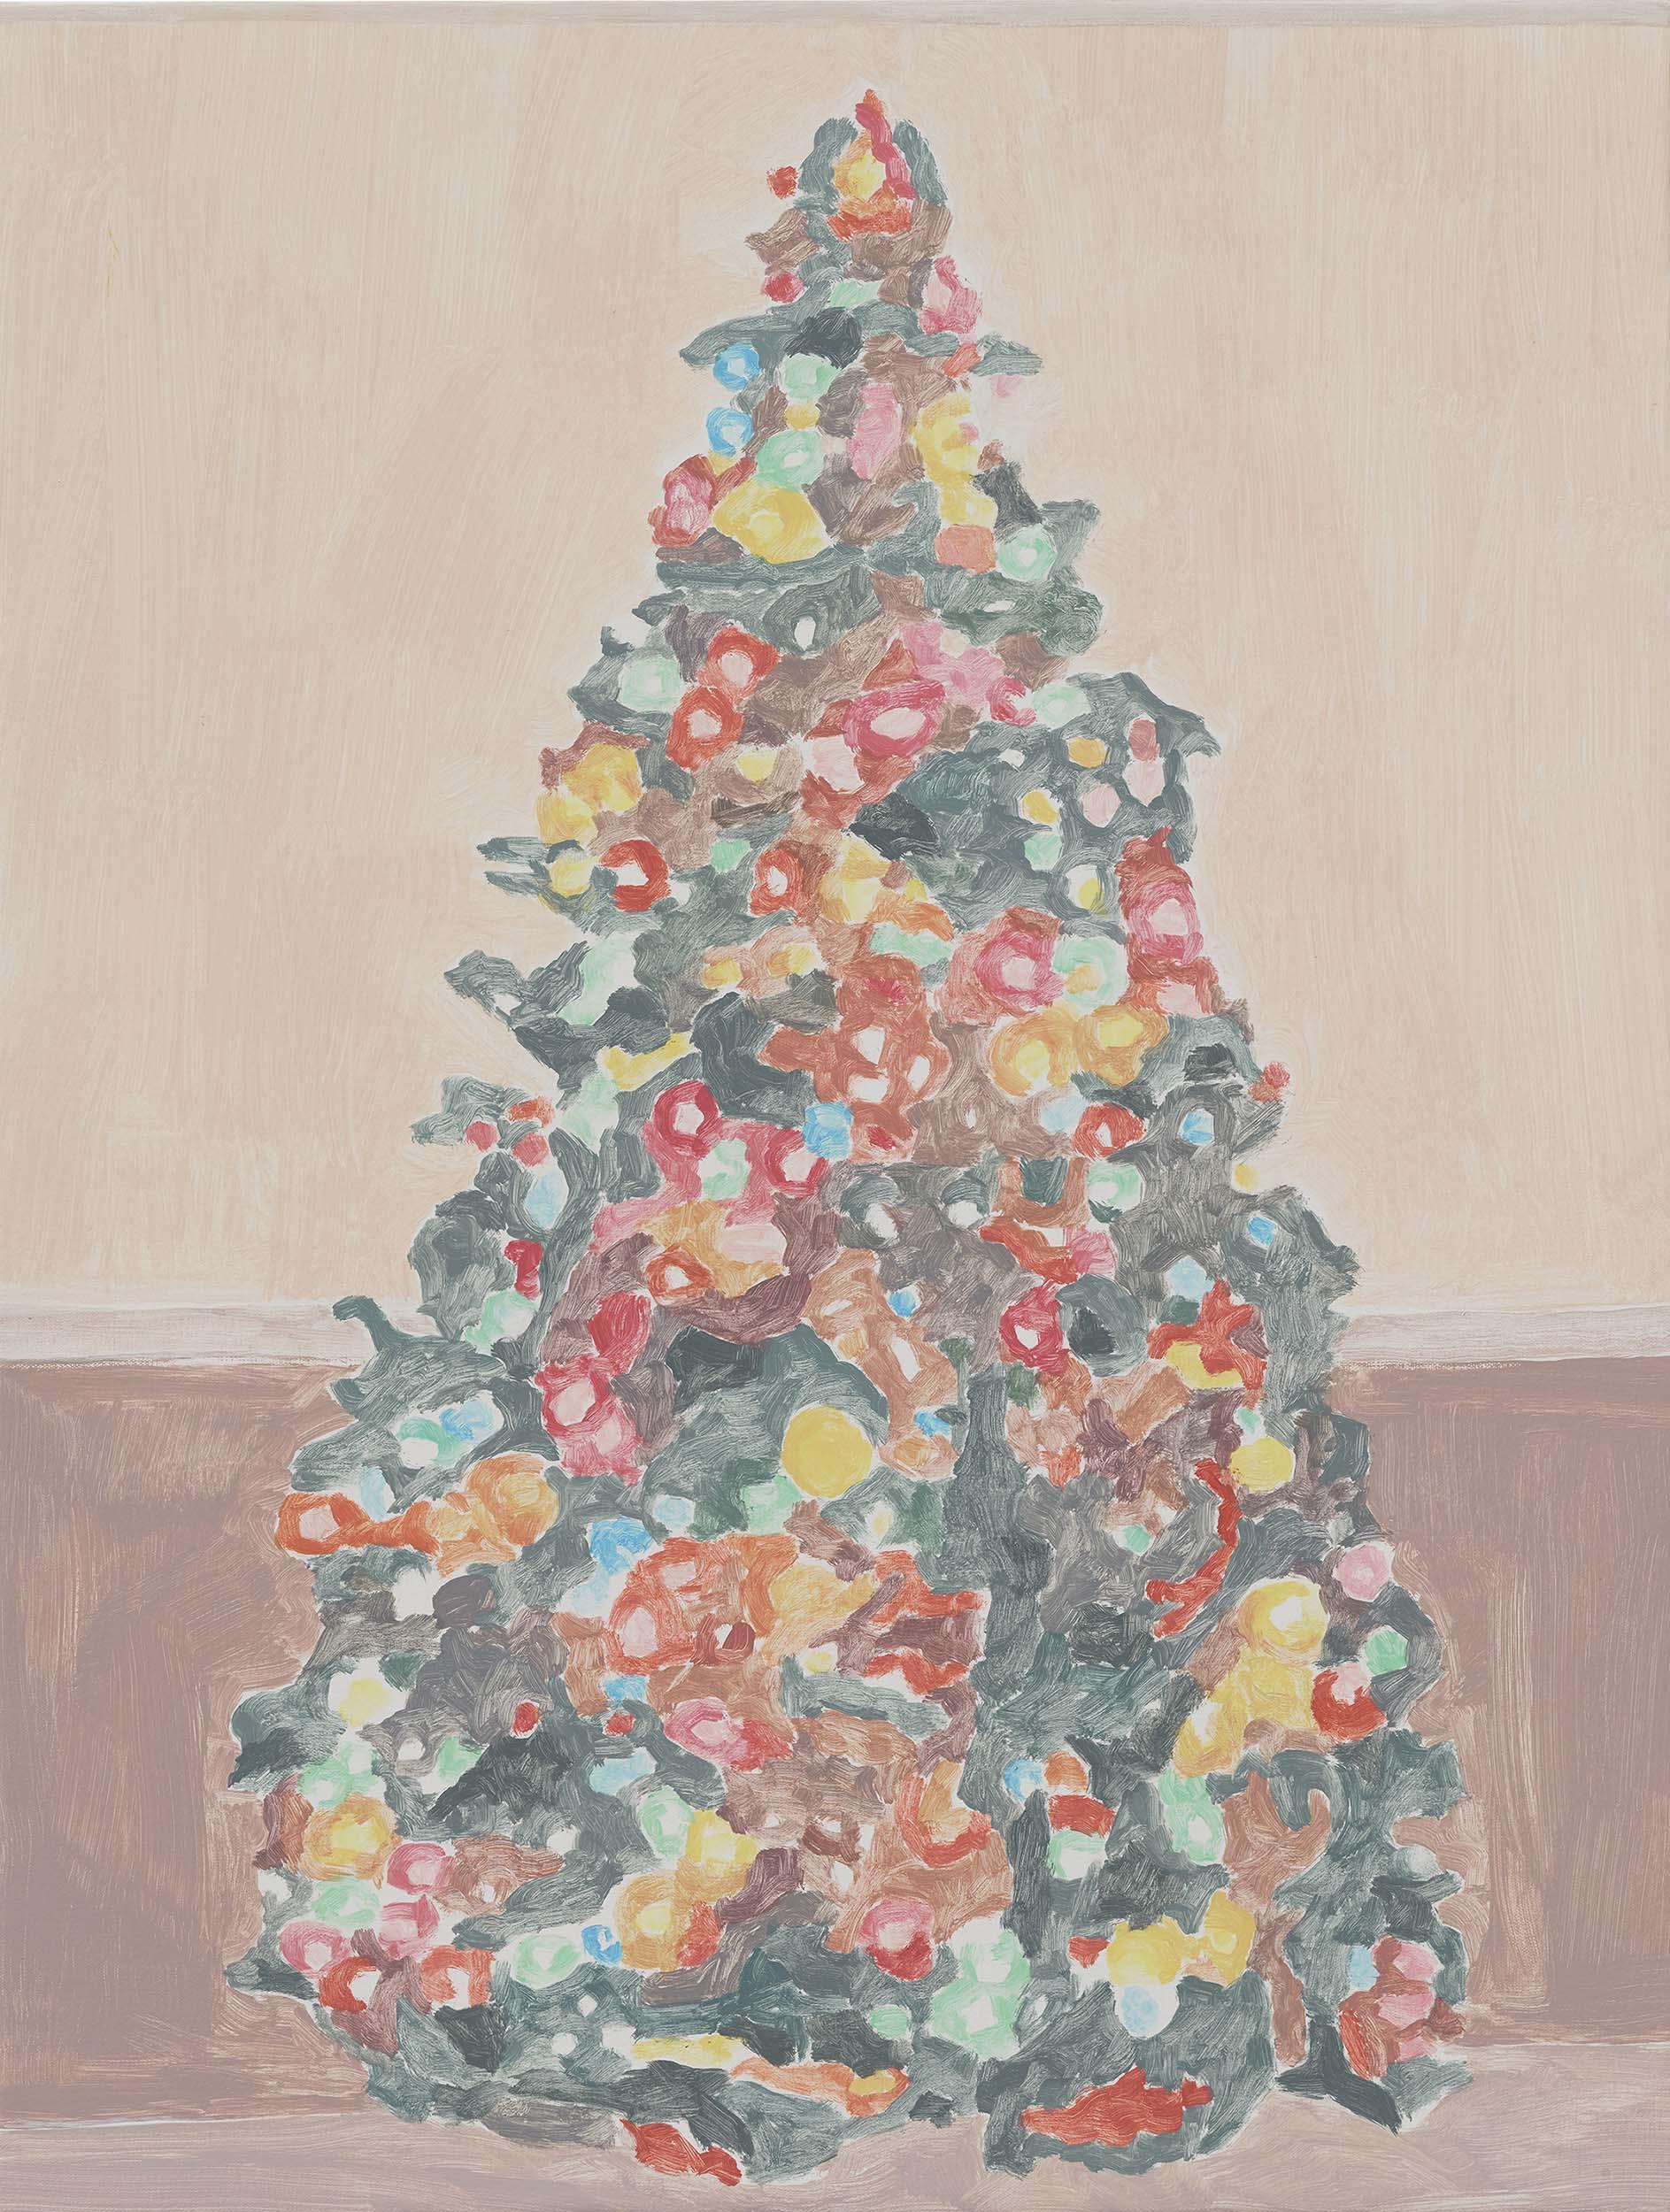 Xmas Tree (wainscot), acrylic on canvas, 32 x 24.25 inches, 2015.